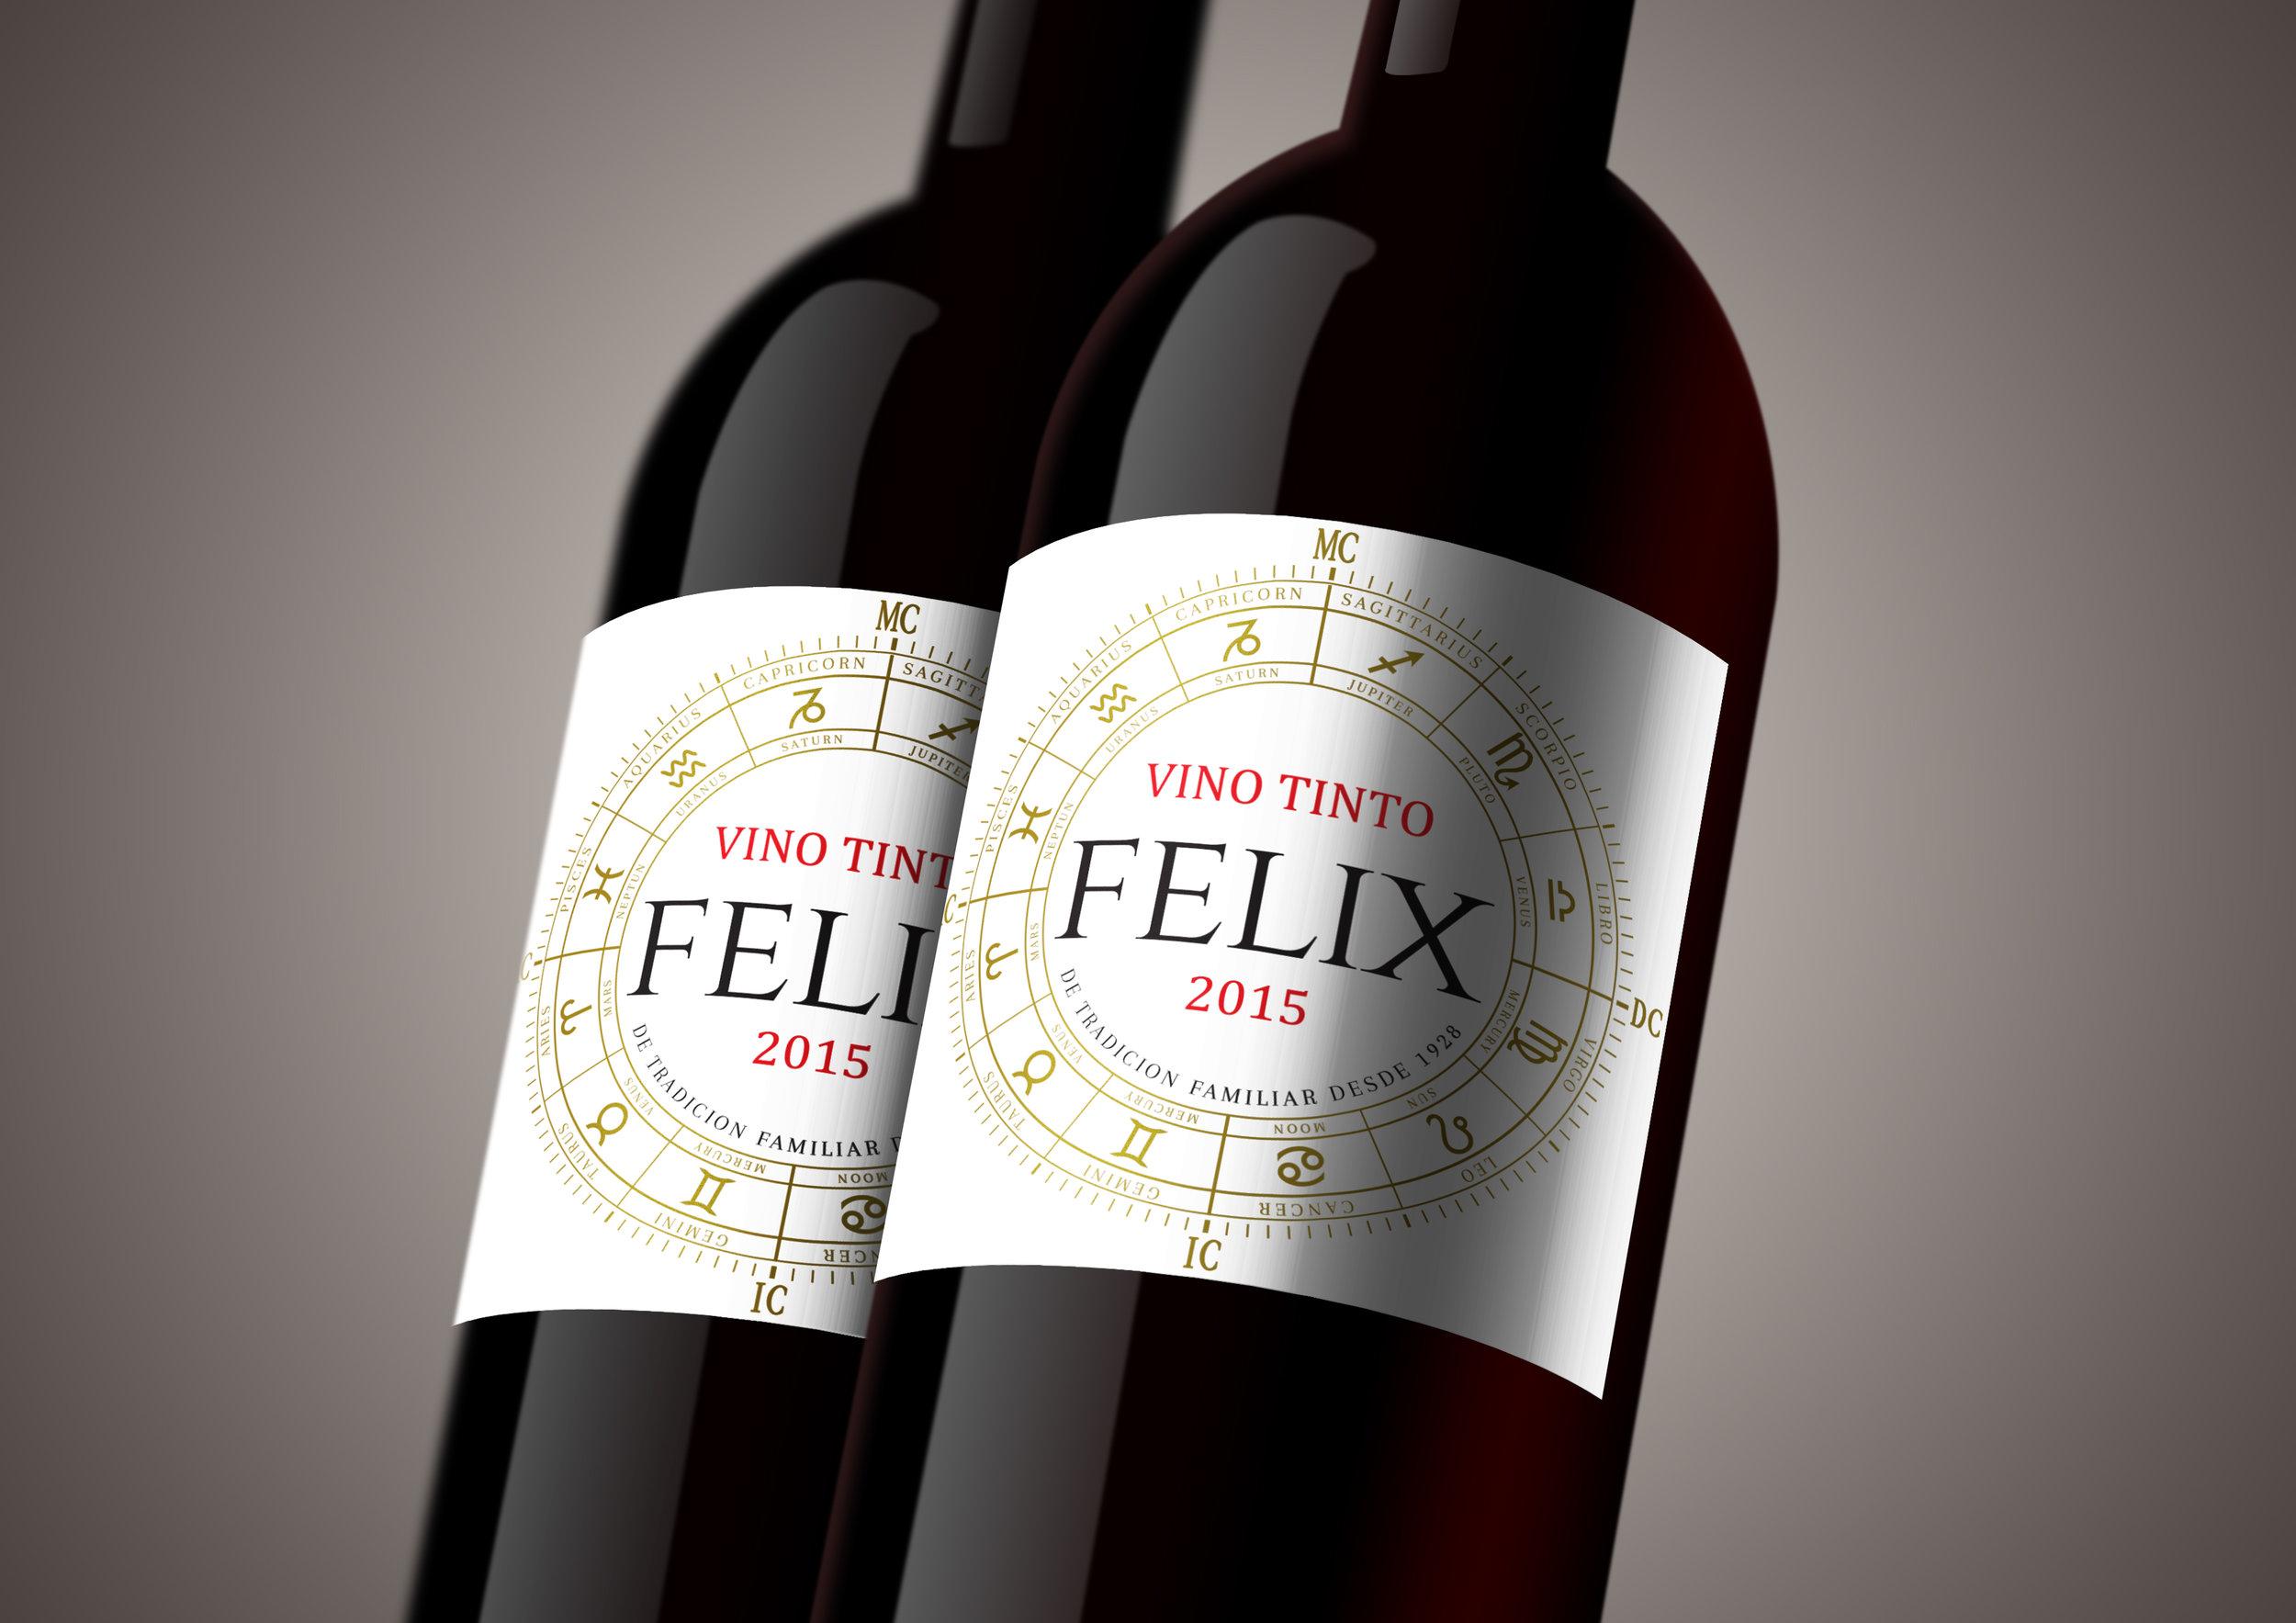 Felix 2 bottle shot.jpg